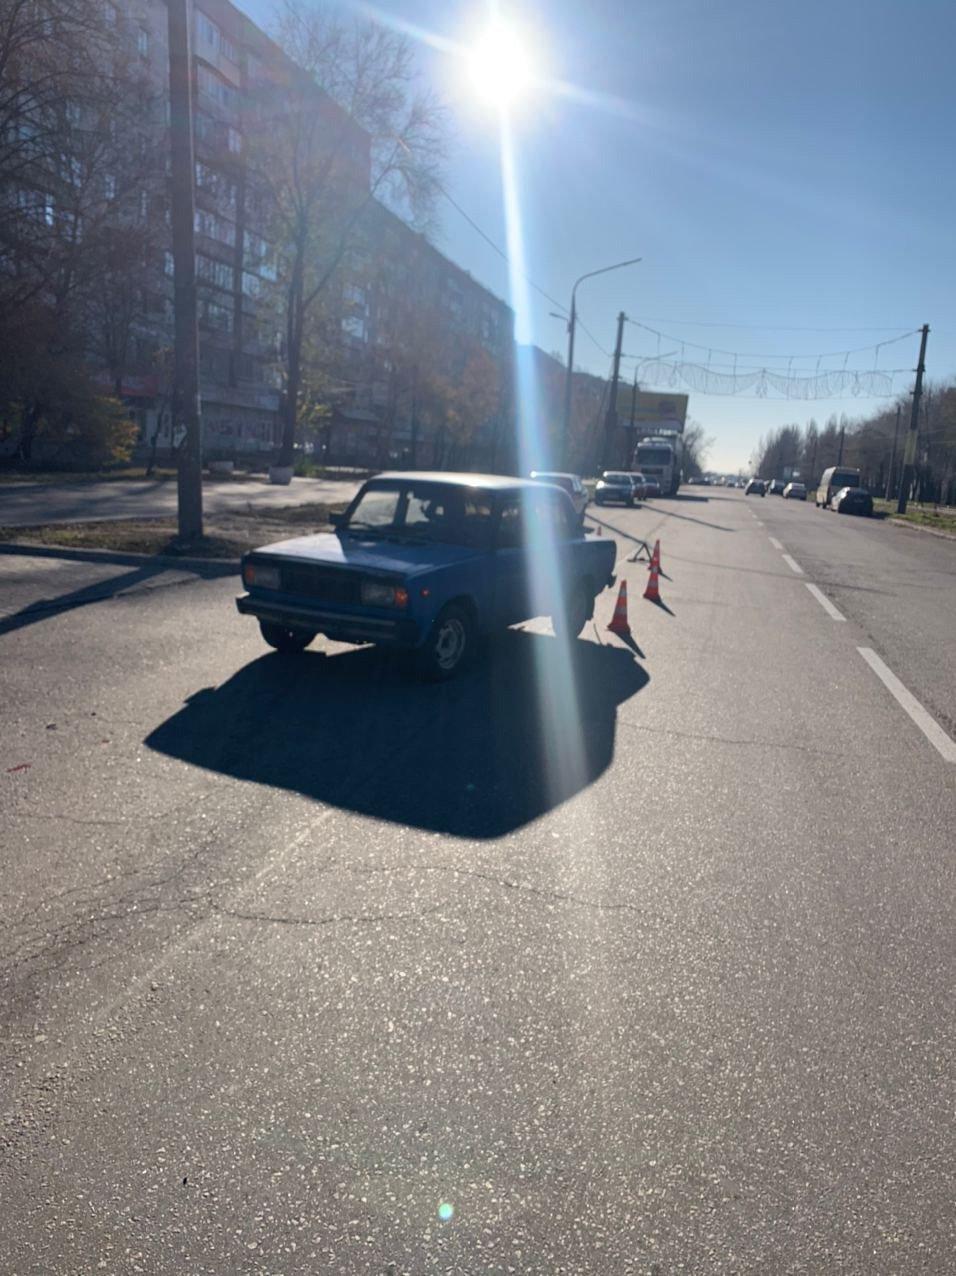 В Запорожье водитель авто сбил 70-летнюю женщину: она с травмами в больнице, - ФОТО, фото-1